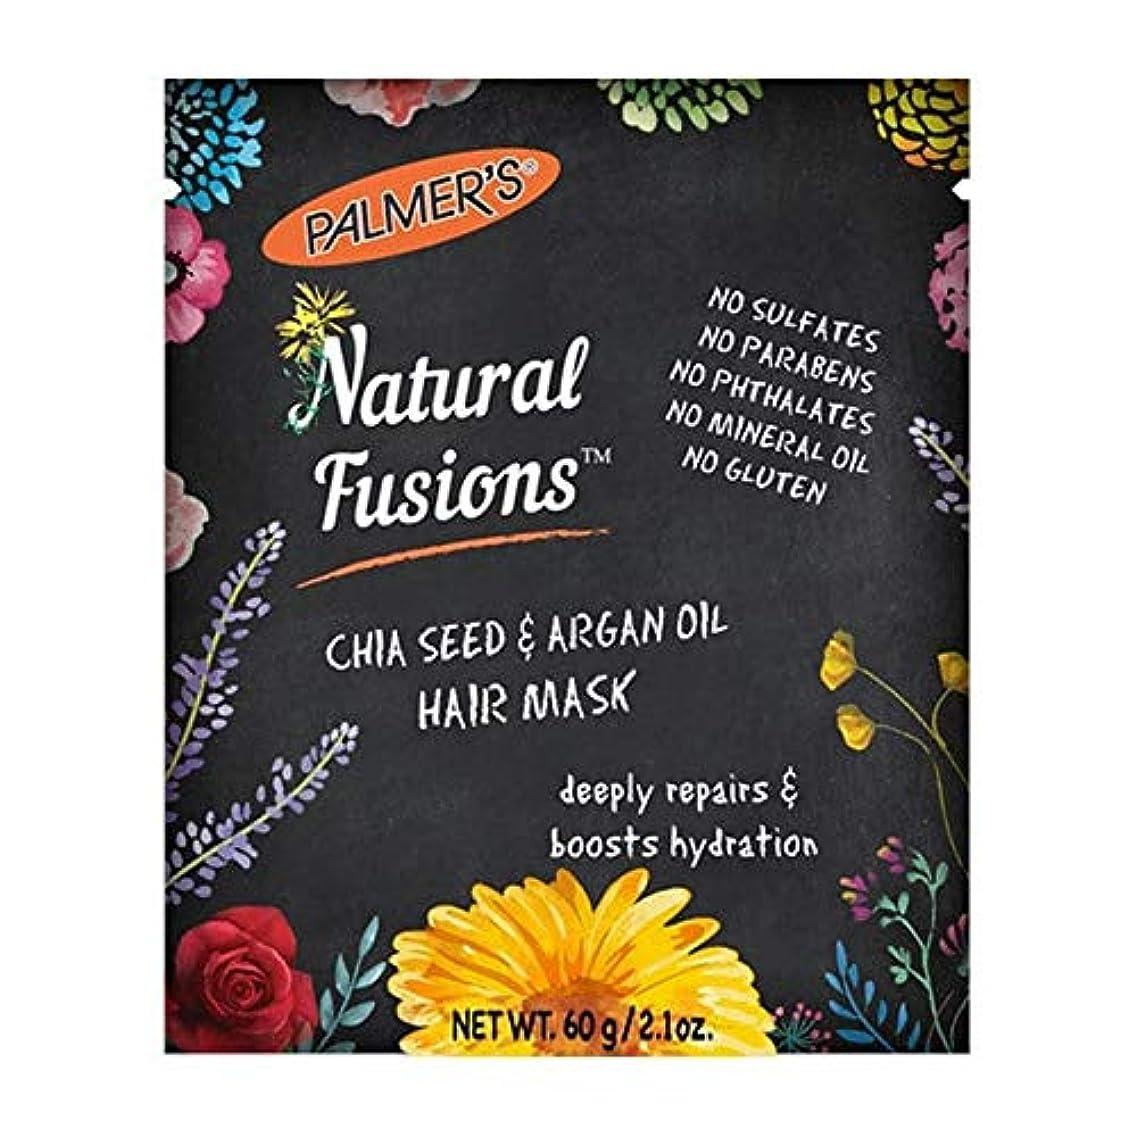 明らかにするアレルギー包囲[Palmer's ] パーマーの自然な融合チアシード&アルガンオイルヘアマスク60グラム - Palmer's Natural Fusions Chia Seed & Argan Oil Hair Mask 60g [...